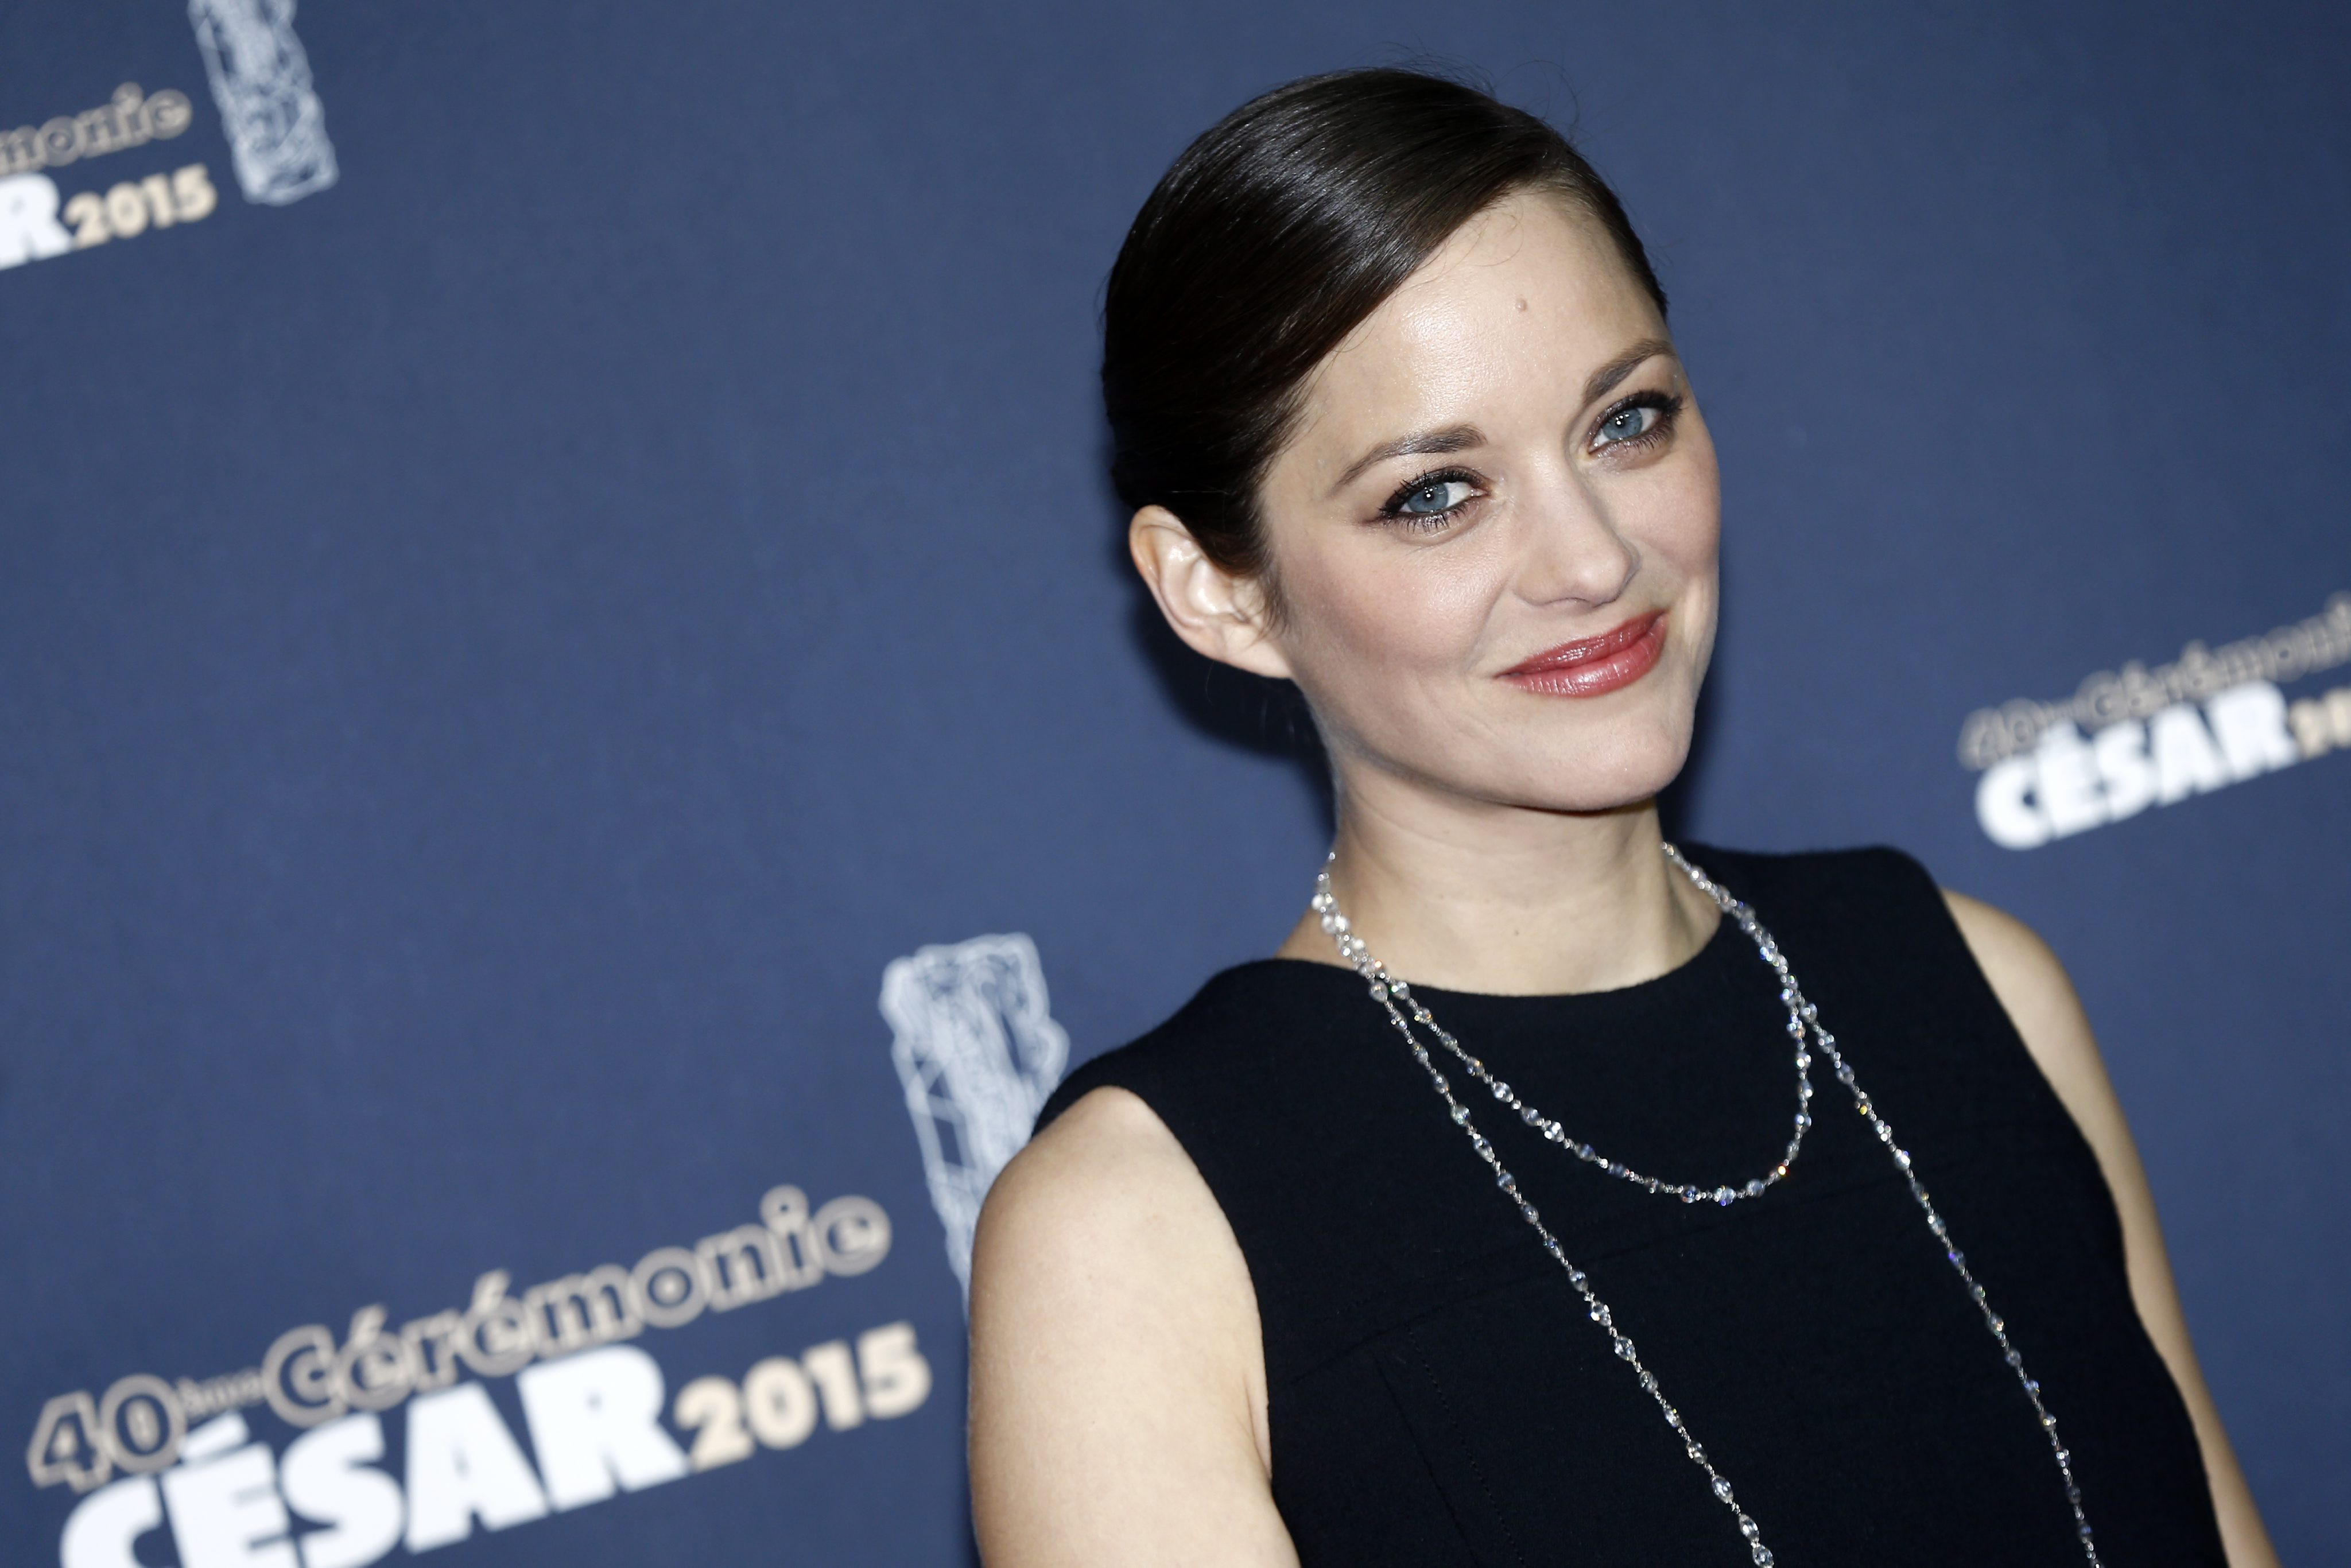 <p>По нетрадиционен начин Марион Котияр опроверга слуховете, че именно тя е причината Брад Пит и Анджелина Джоли да се разделят. В Instagram тя съобщи, че със съпруга си очакват второ дете.</p>